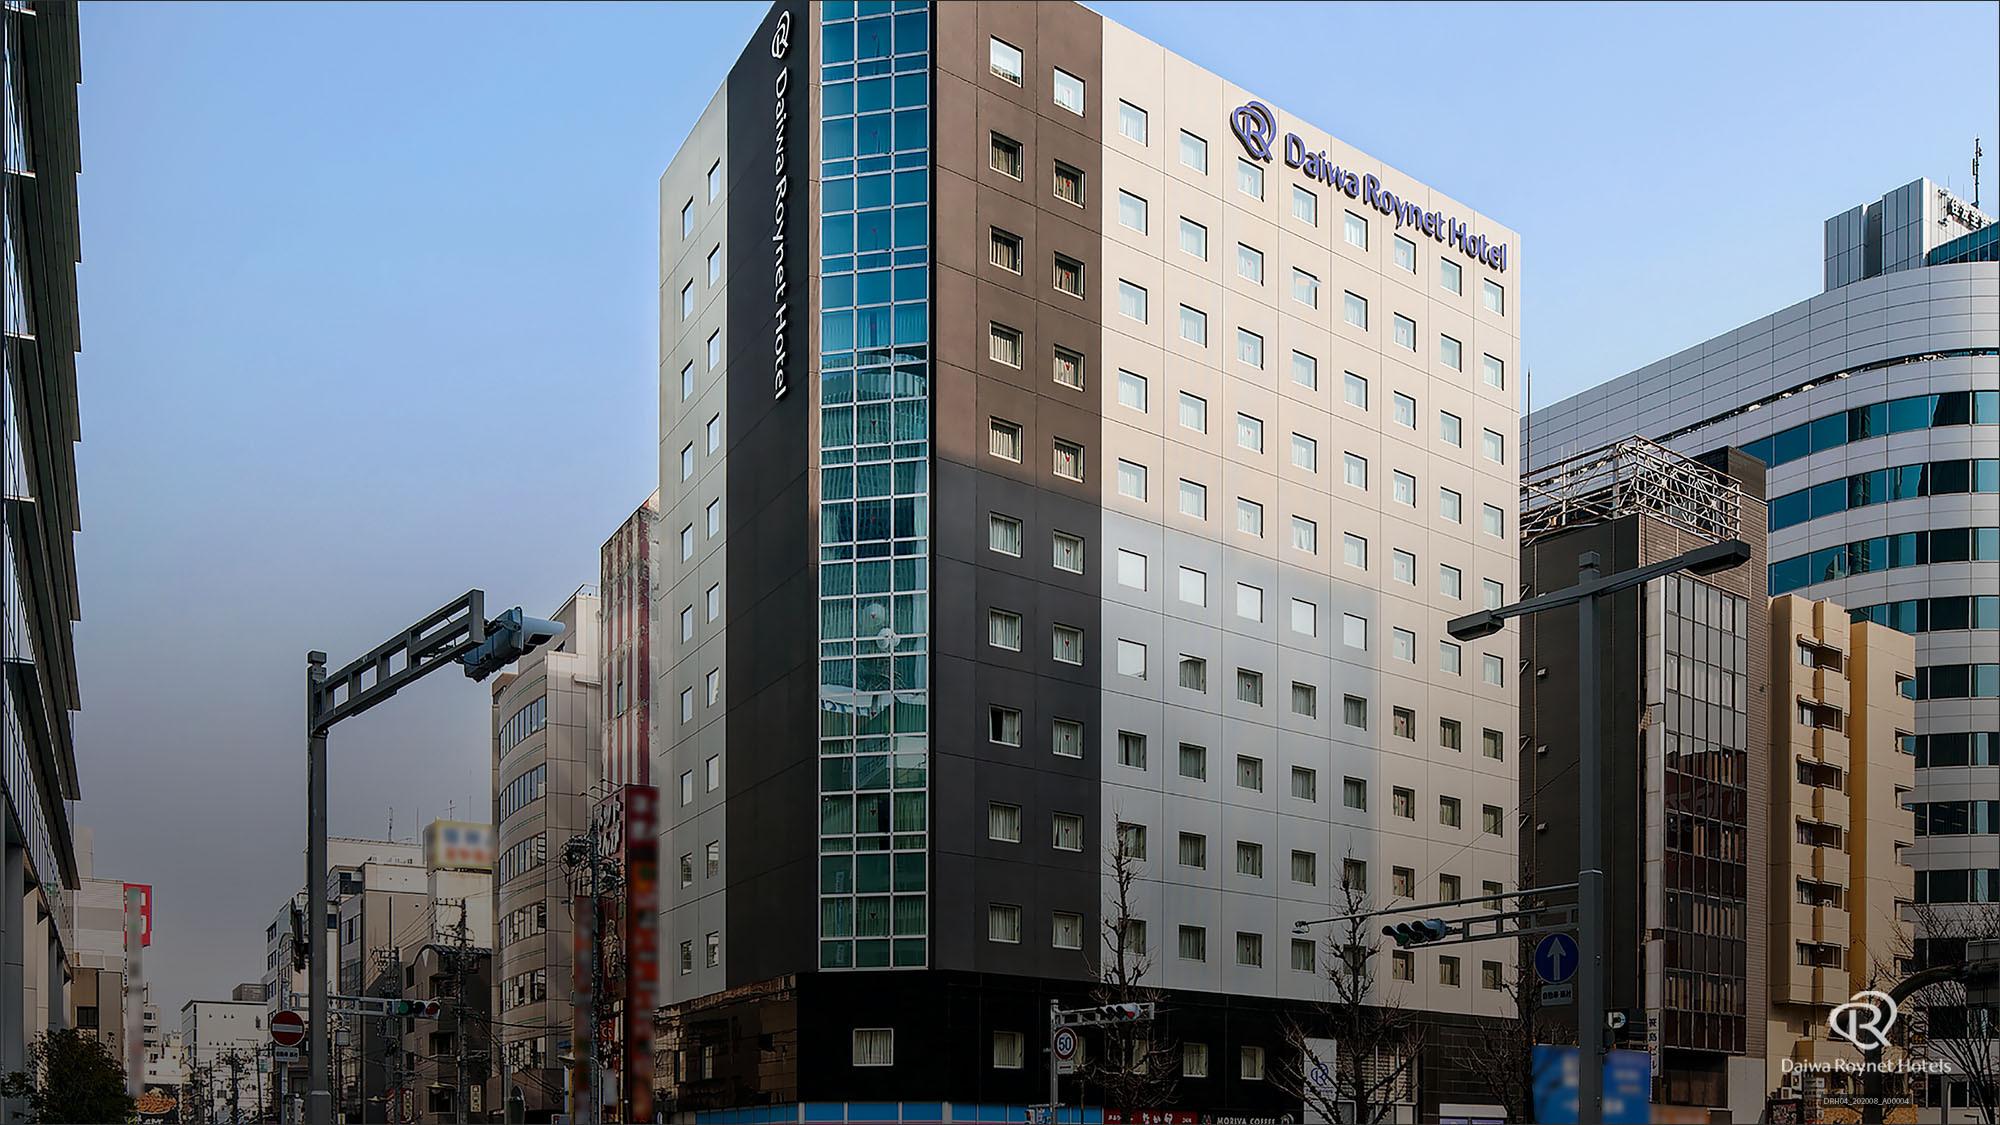 ダイワ ロイネットホテル 名古屋駅前◆楽天トラベル